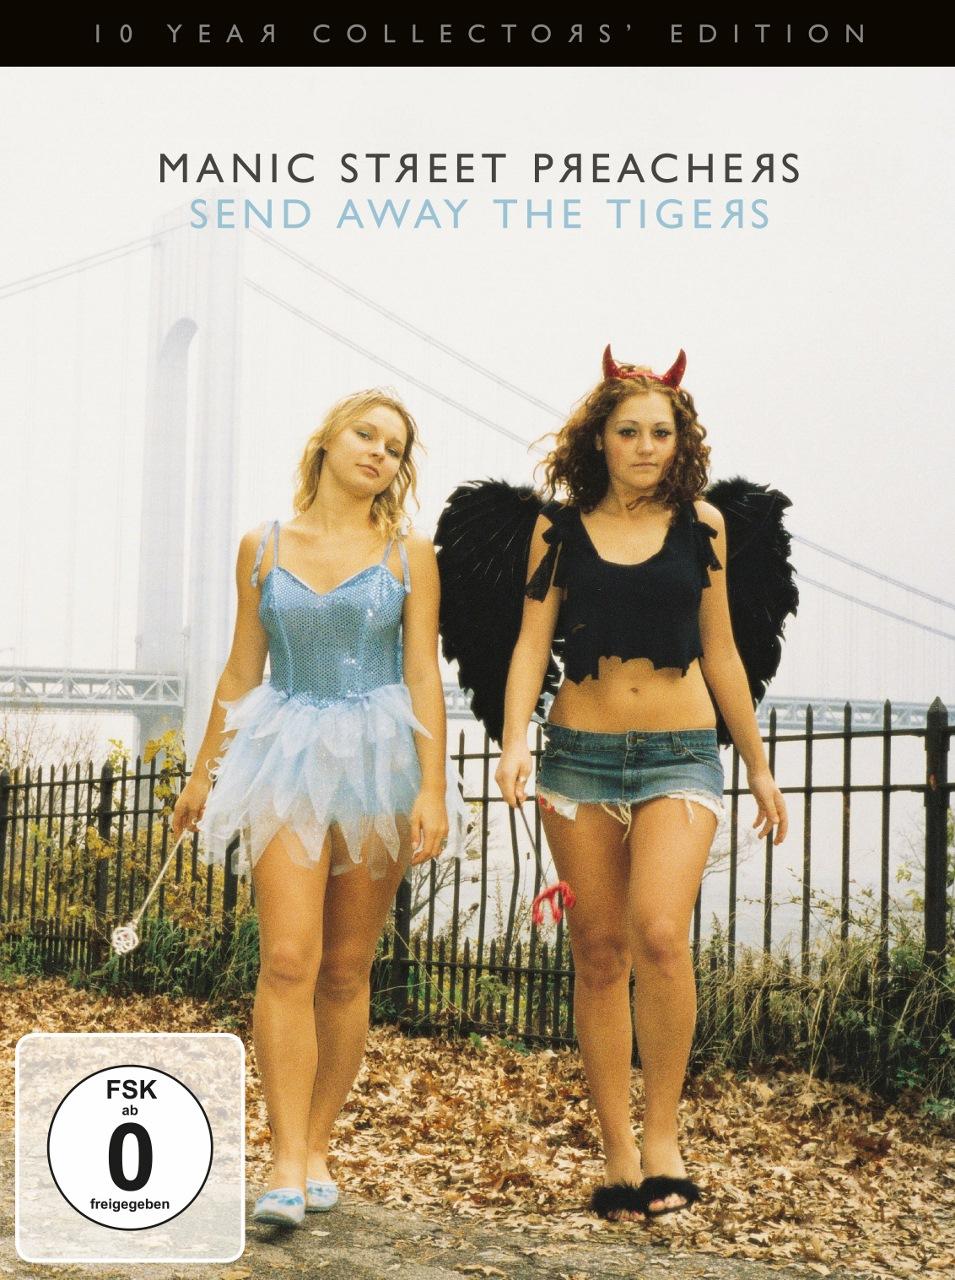 Manic Street Preachers: